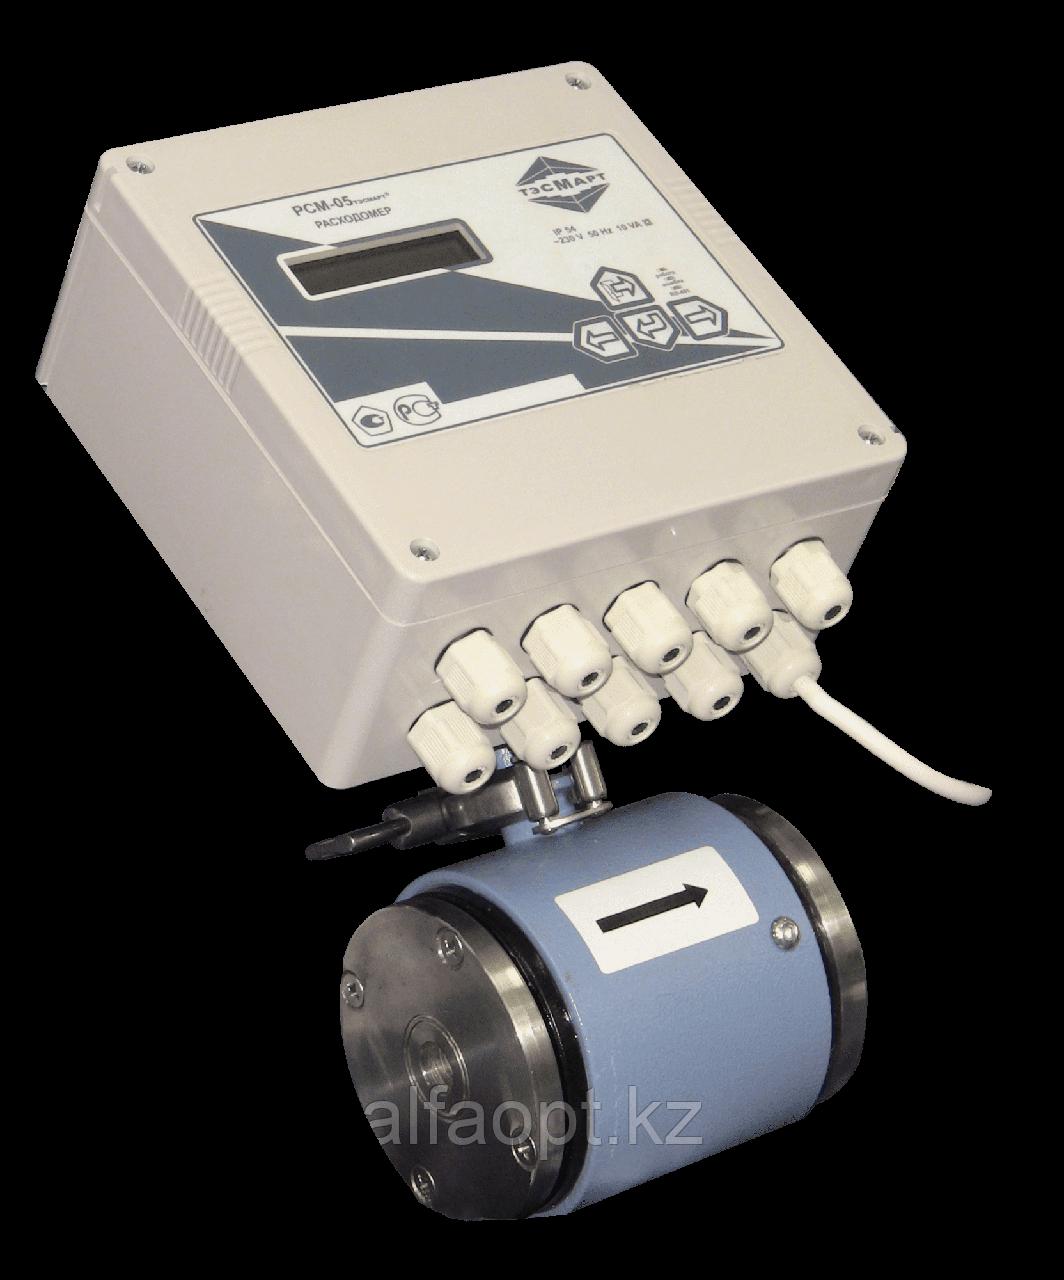 Многоканальный электромагнитный расходомер ТЭСМАРТ-РХ Ду65 M-Bus (2Р; резьба)